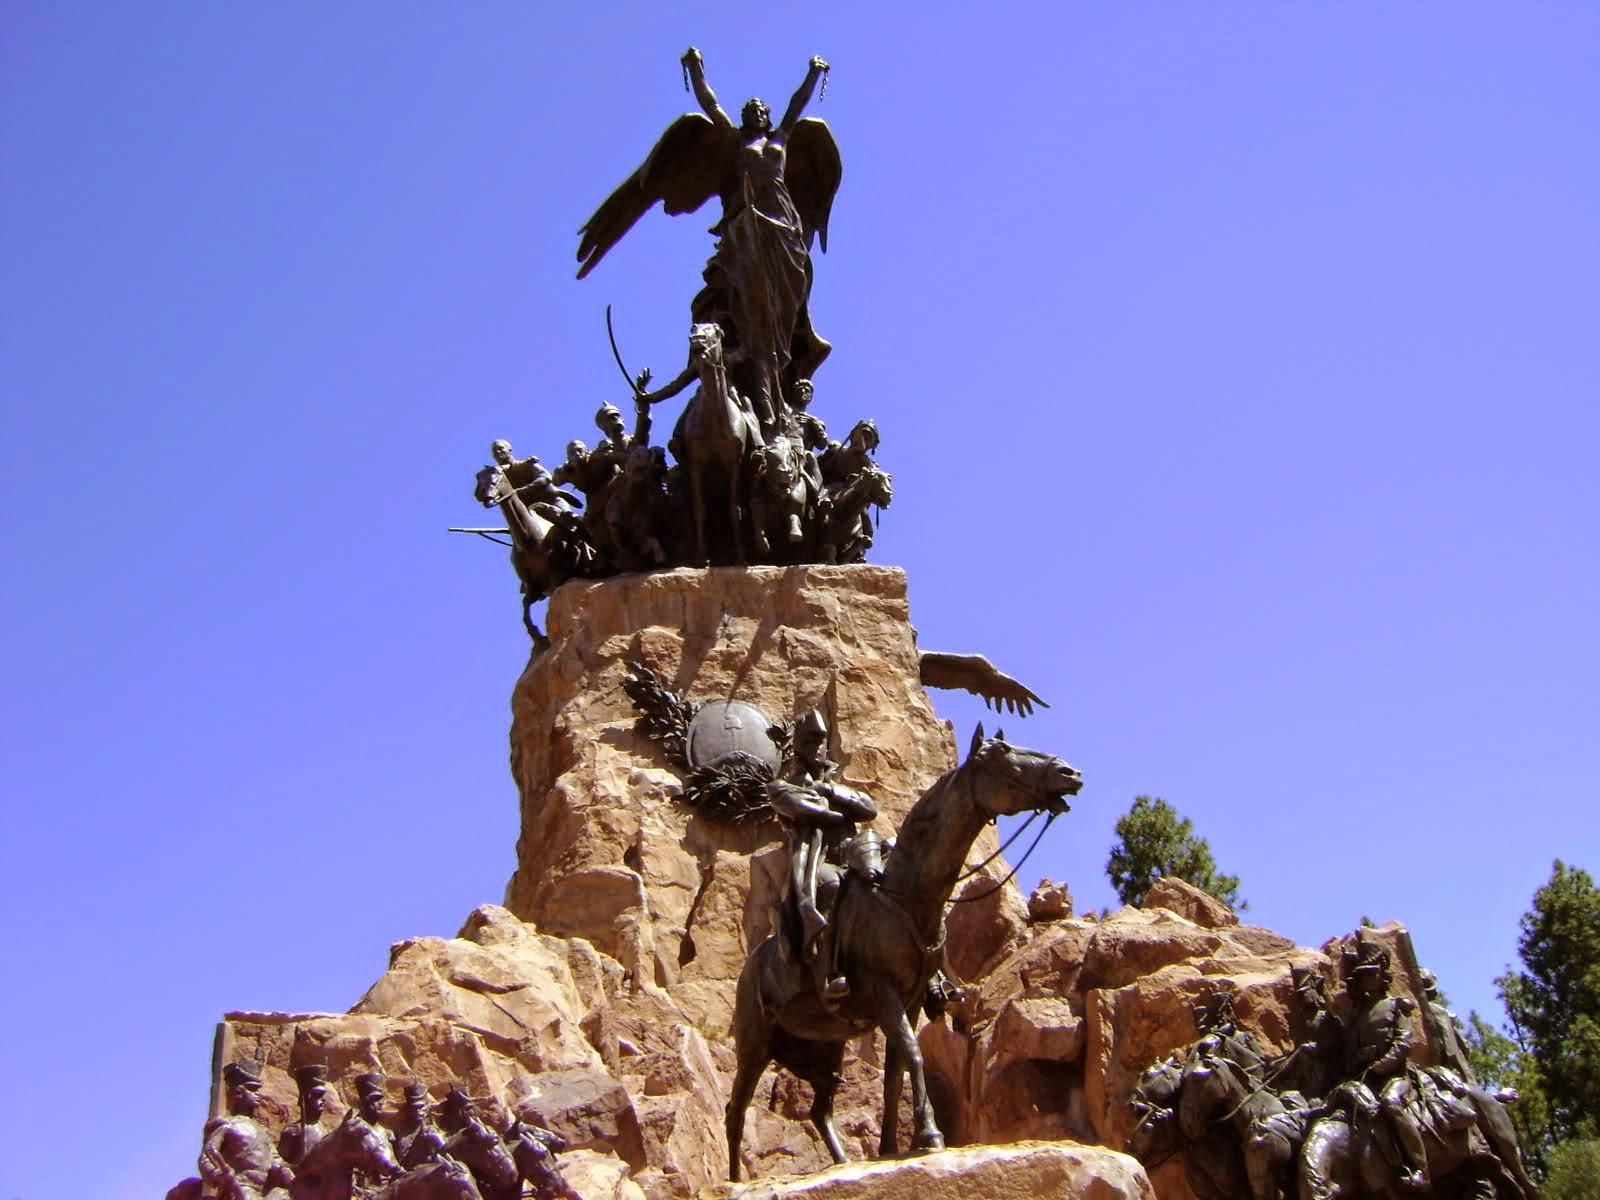 La Generala del Ejército Argentino: Nuestra Señora del Carmen de Cuyo, Argentina (16 de julio)